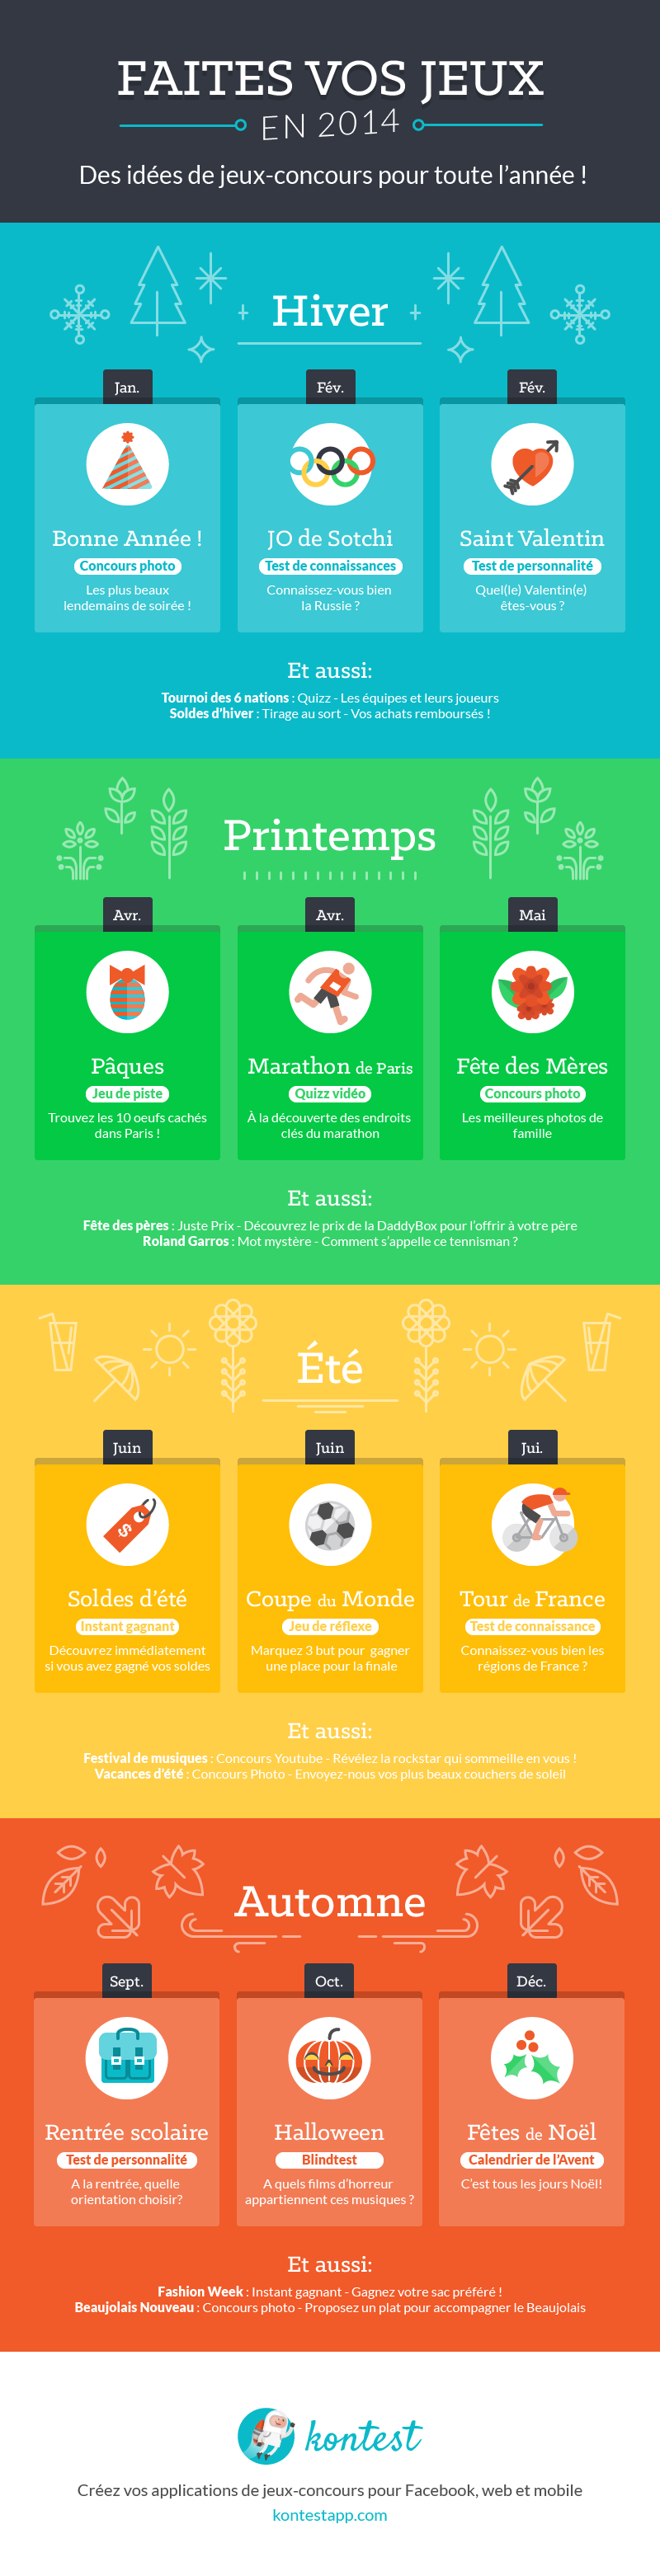 Infographie-Faites-vos-jeux-en-2014-Kontest